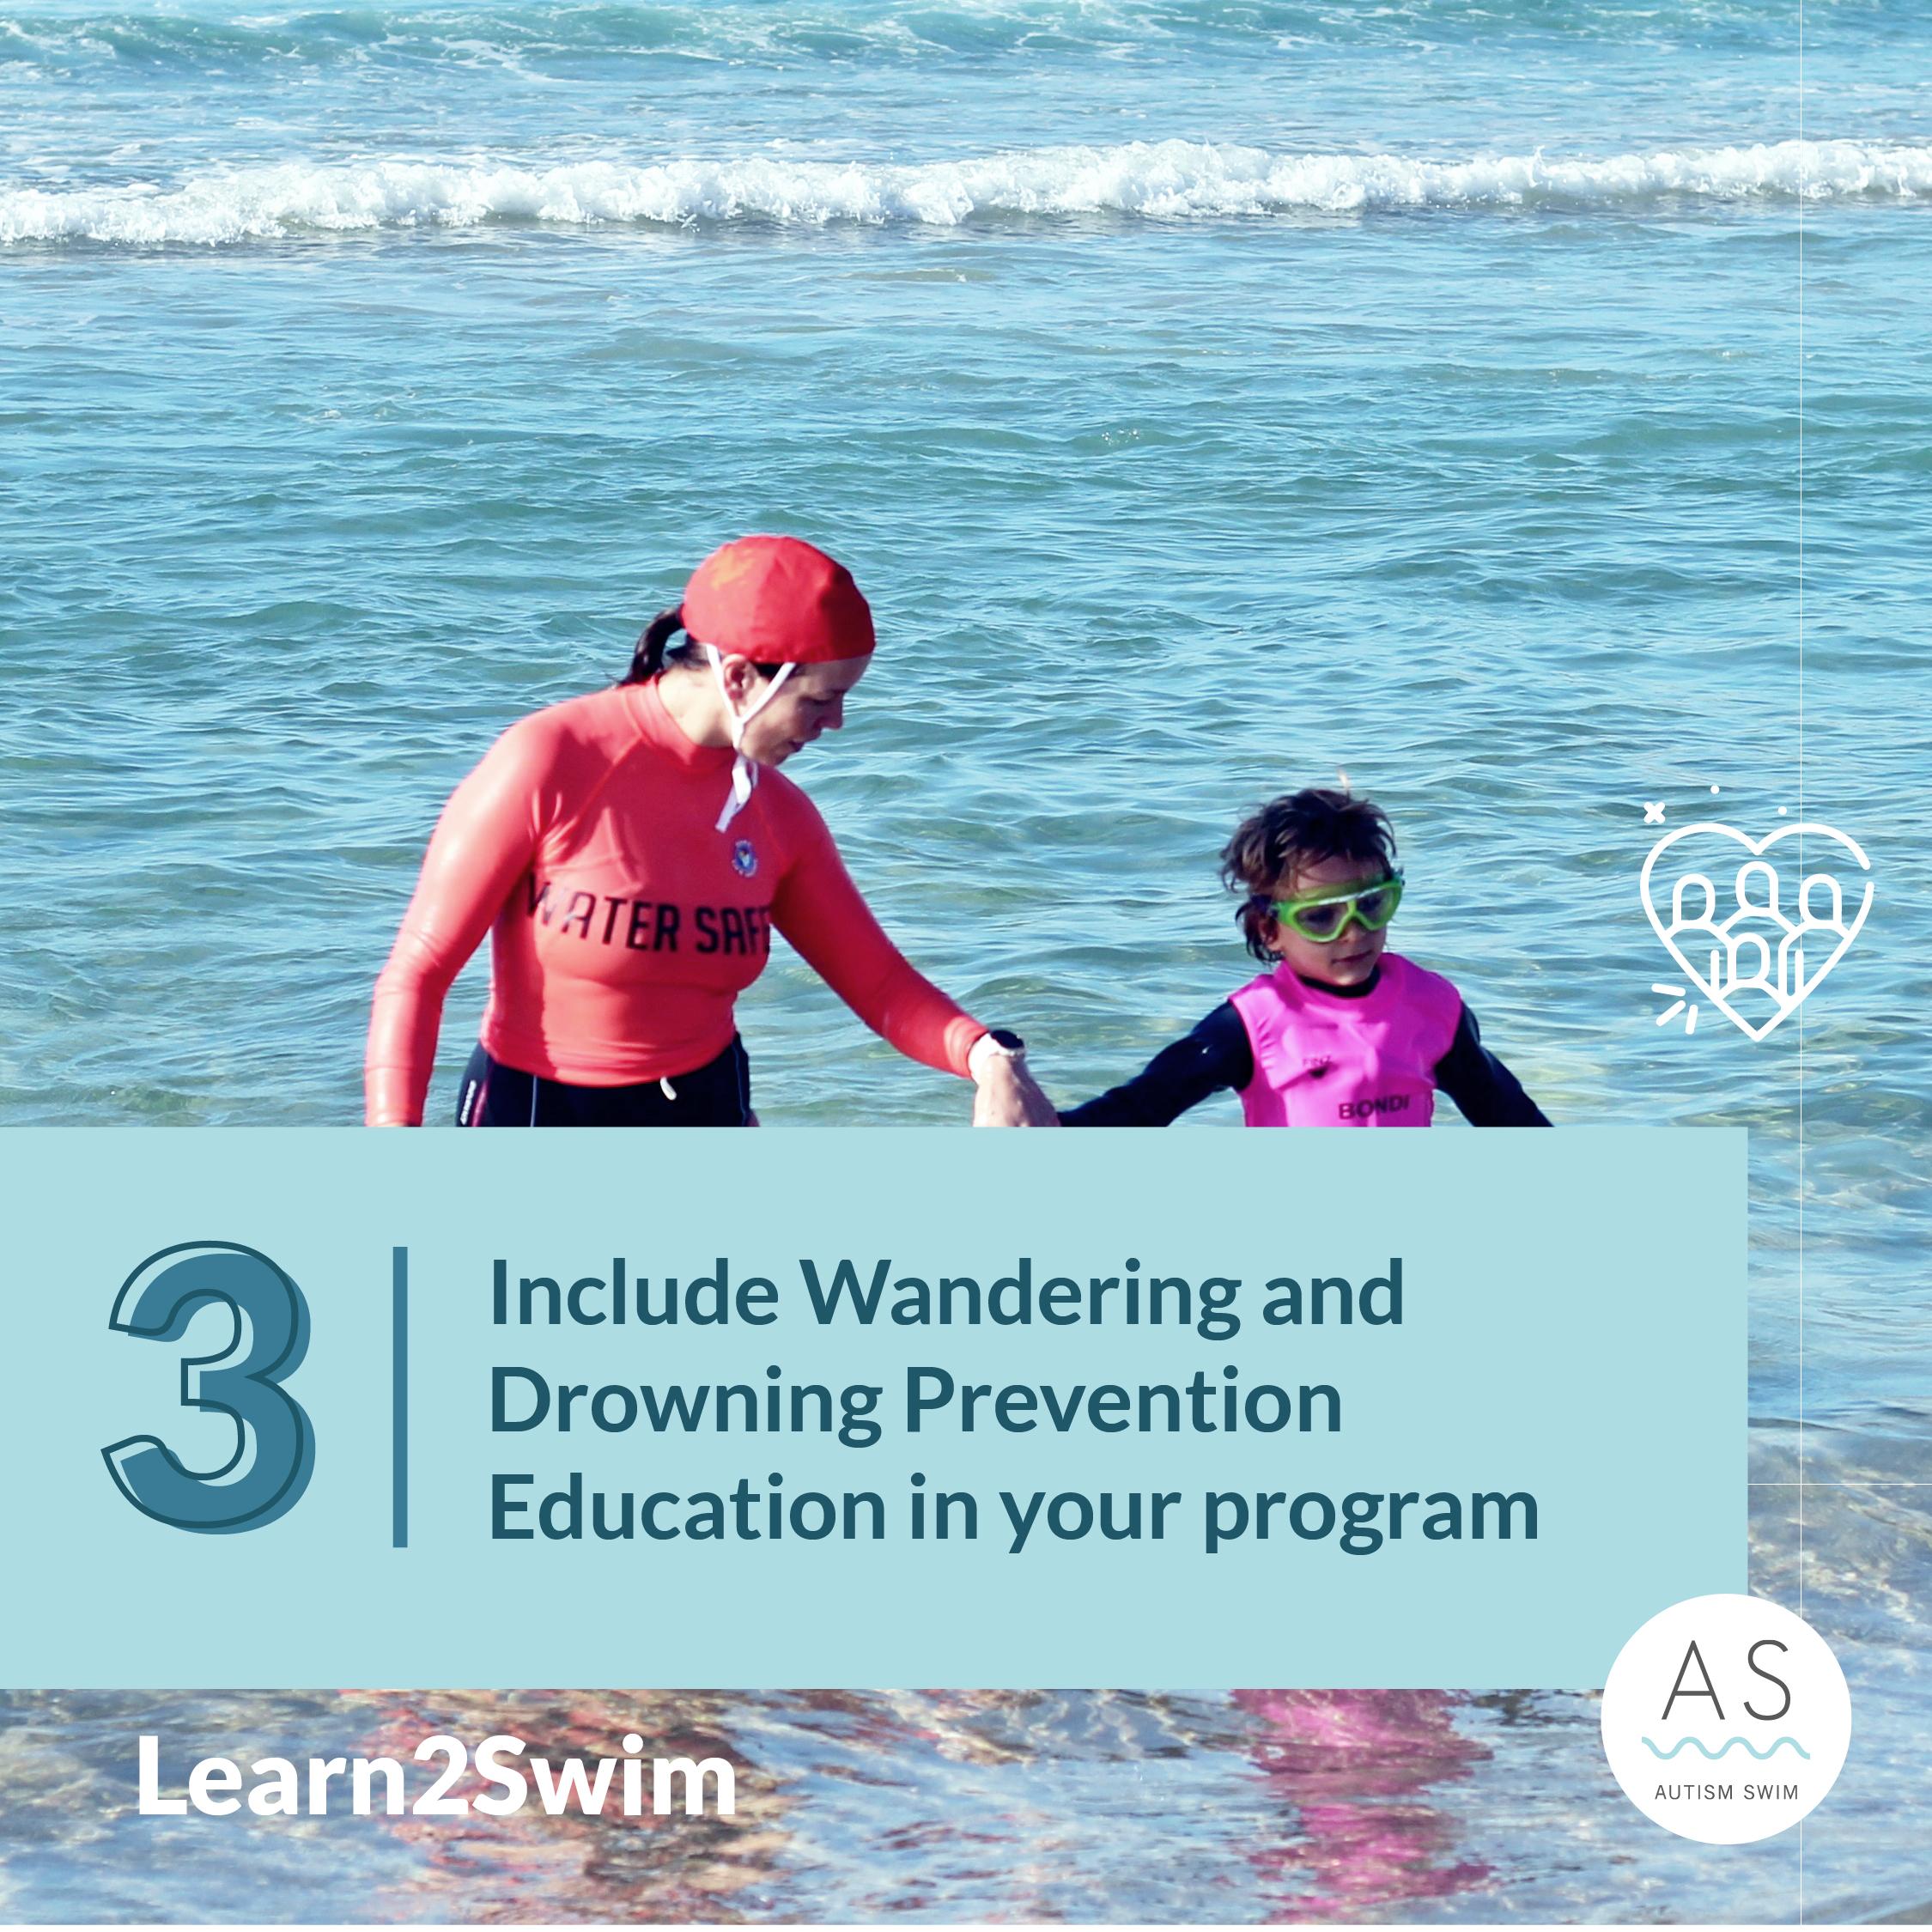 AS_Instagram_Learn2SwimWeek-04